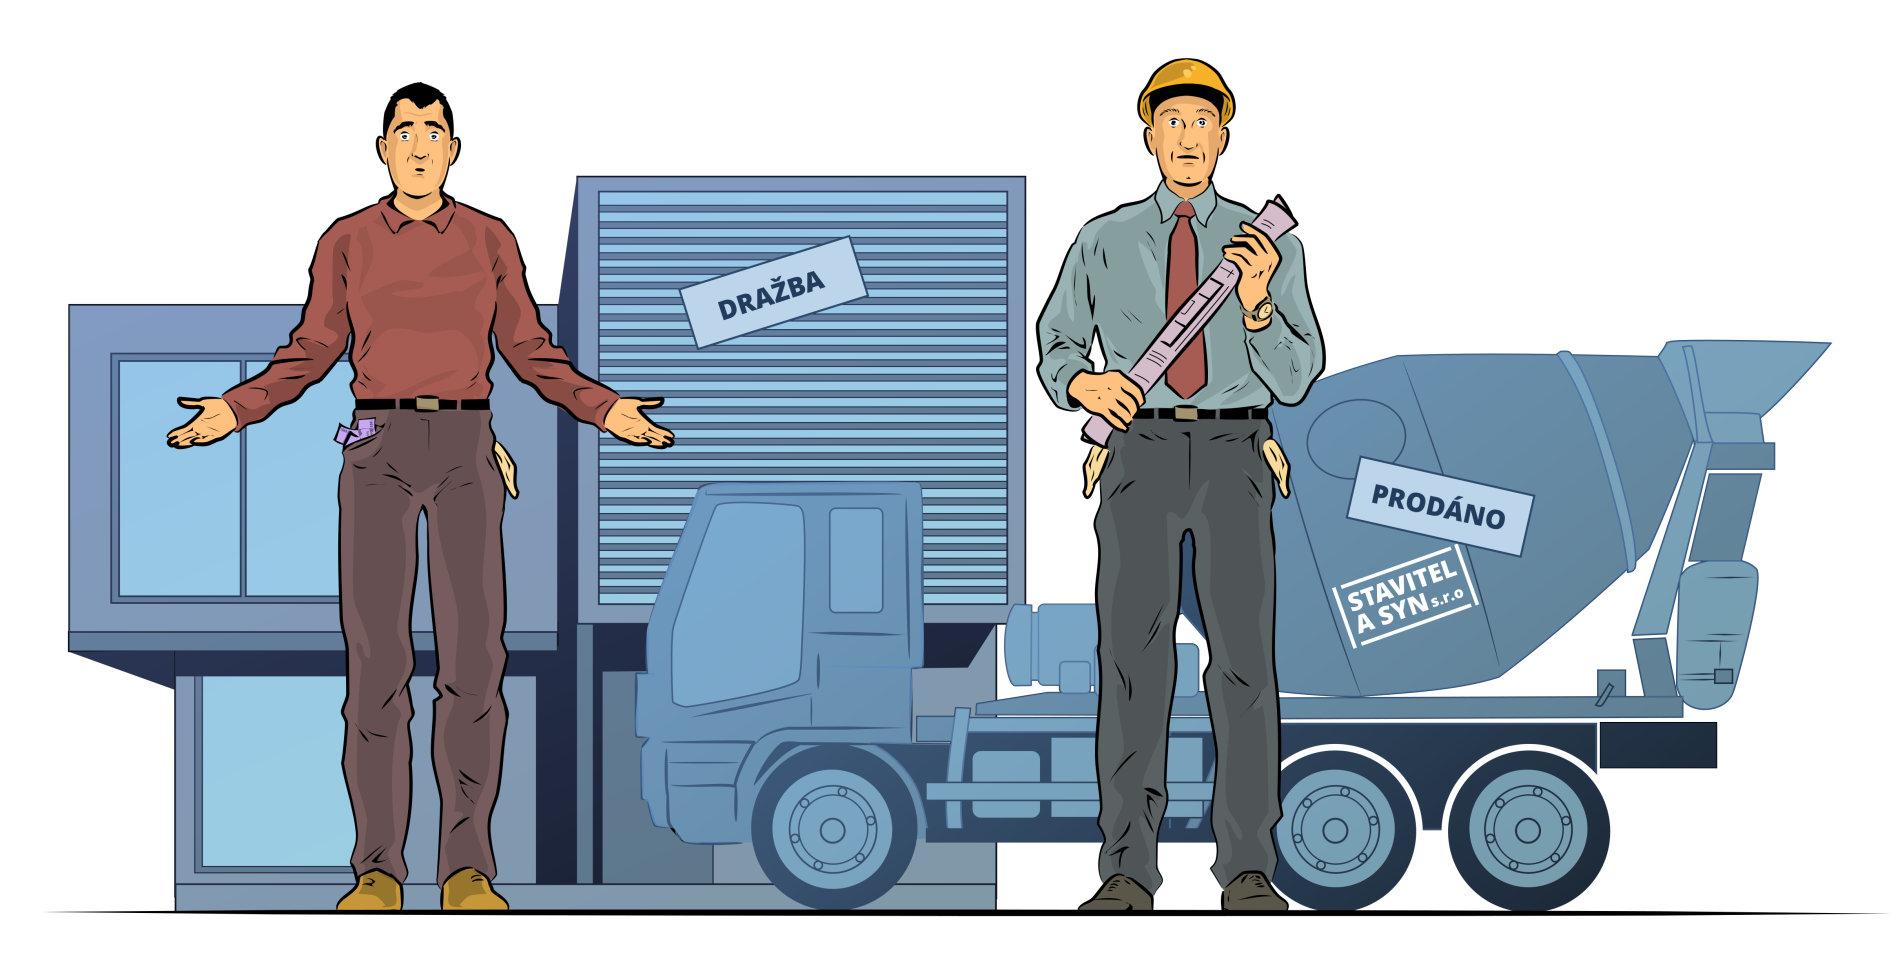 Běžní Češi se dostávají do insolvencí kvůli půjčkám a úvěrům. Z firem nejčastěji mířily do insolvencí ty stavební.